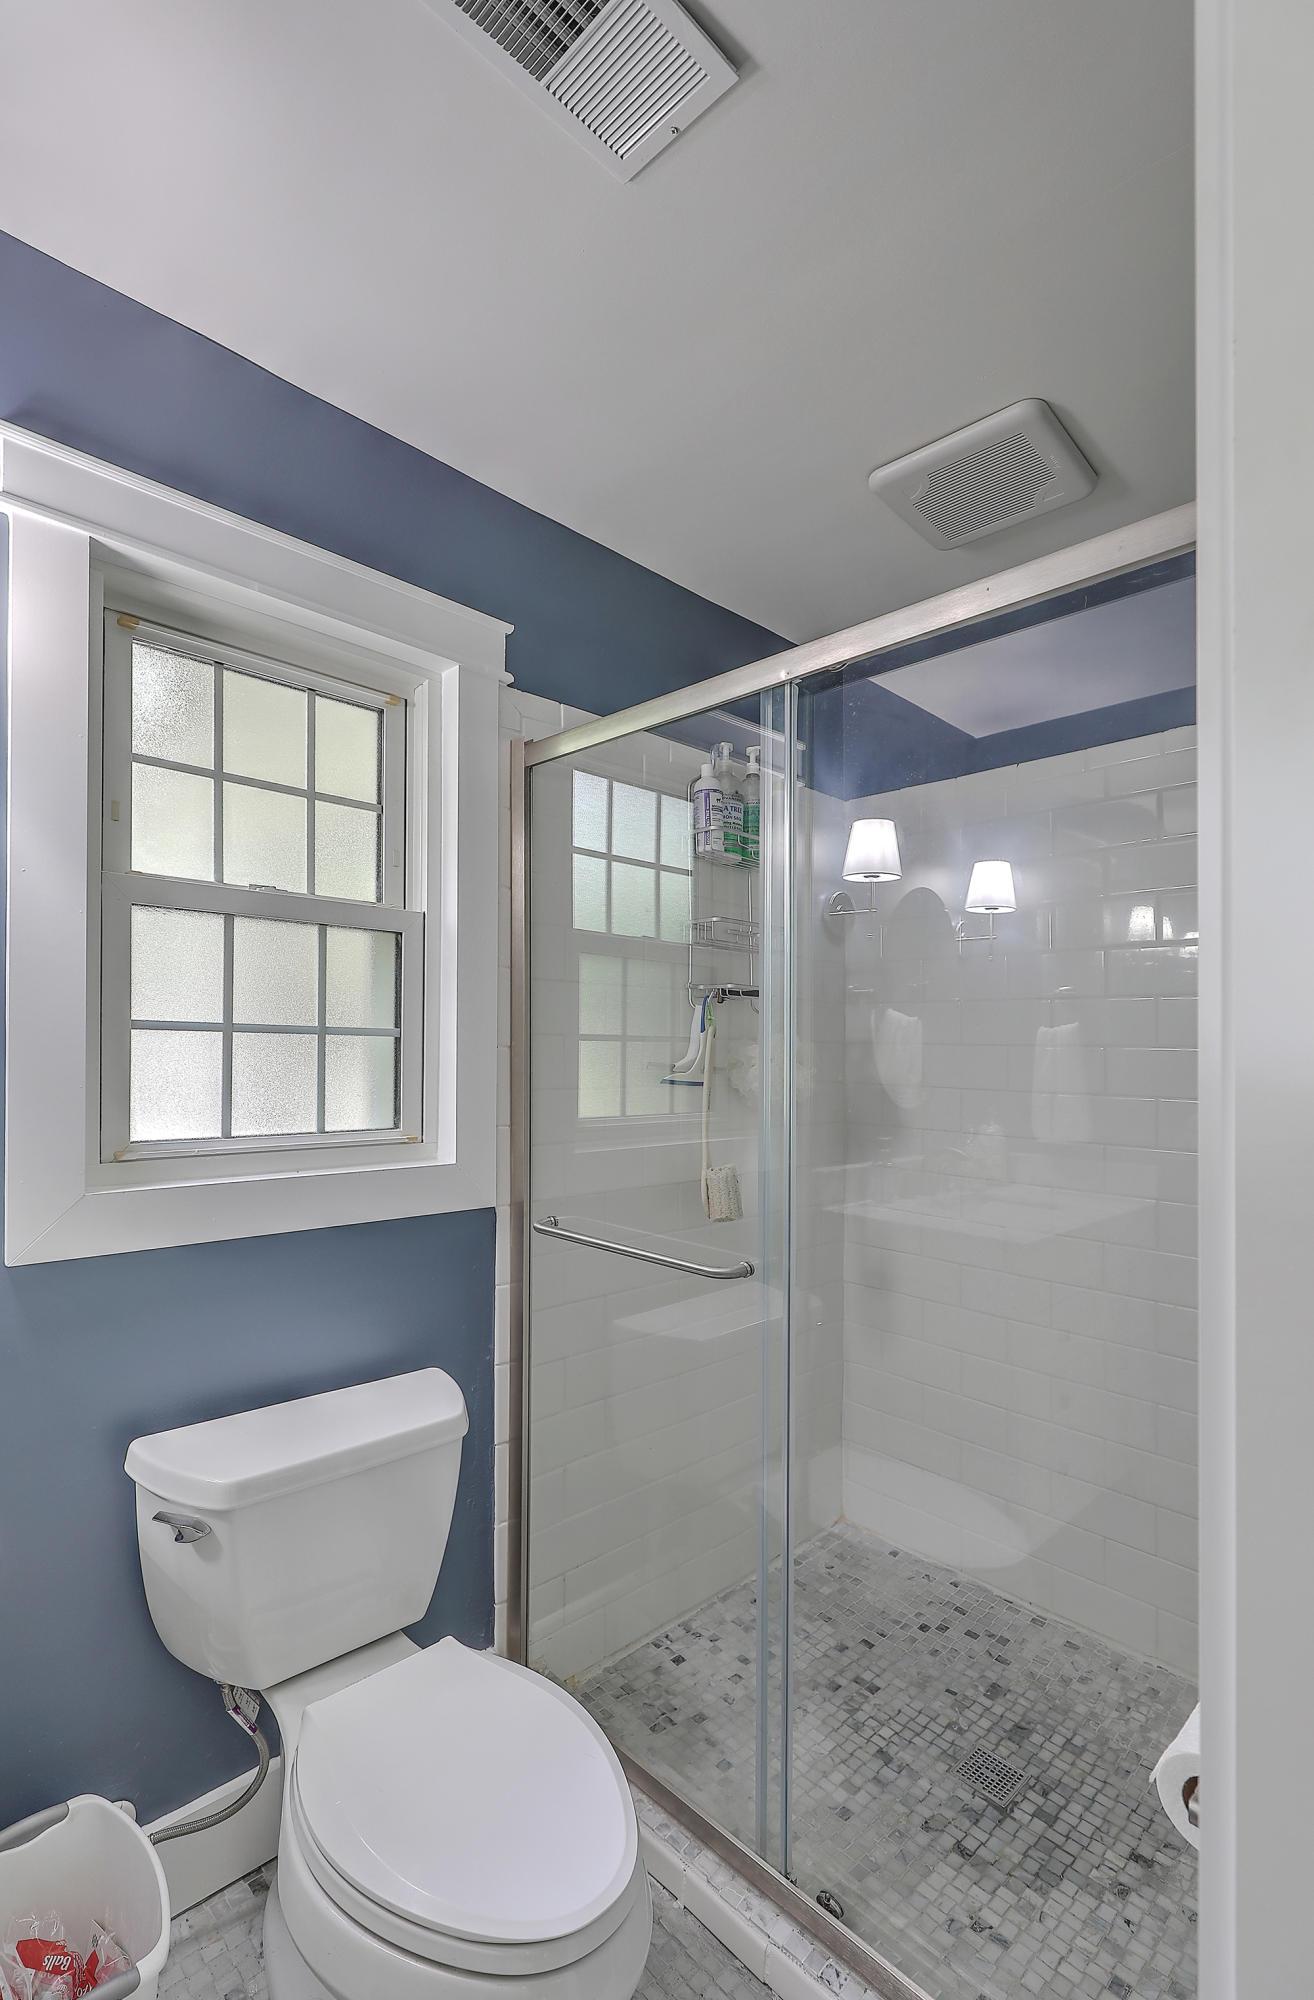 Belvedere Estates Homes For Sale - 1149 Brookside, Hanahan, SC - 28